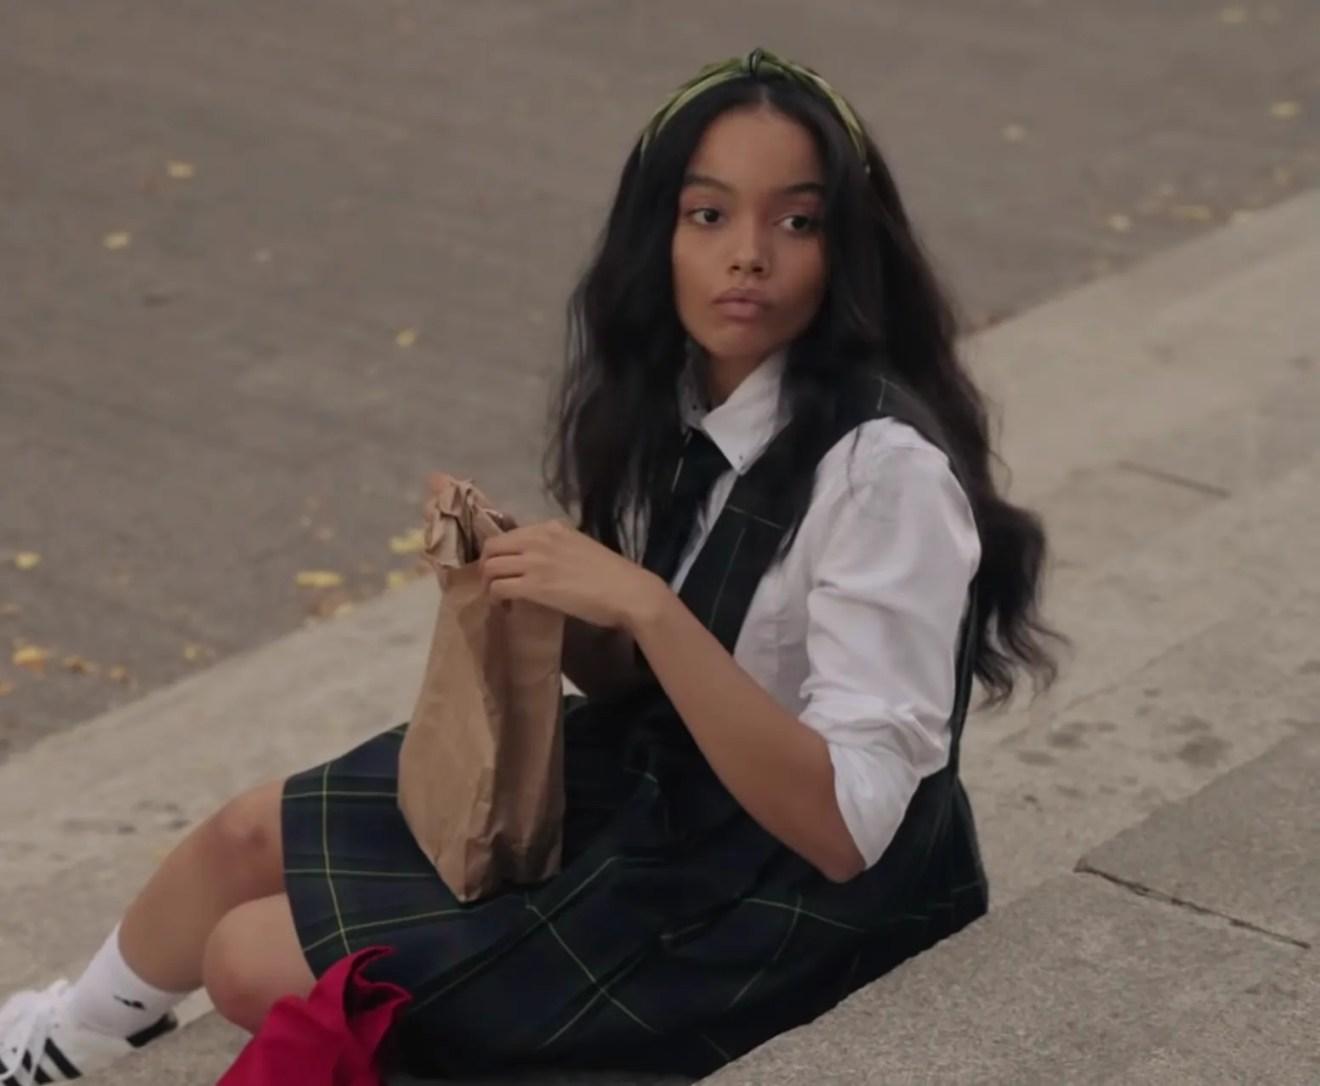 gossip girl zoya wavy hair and green headband